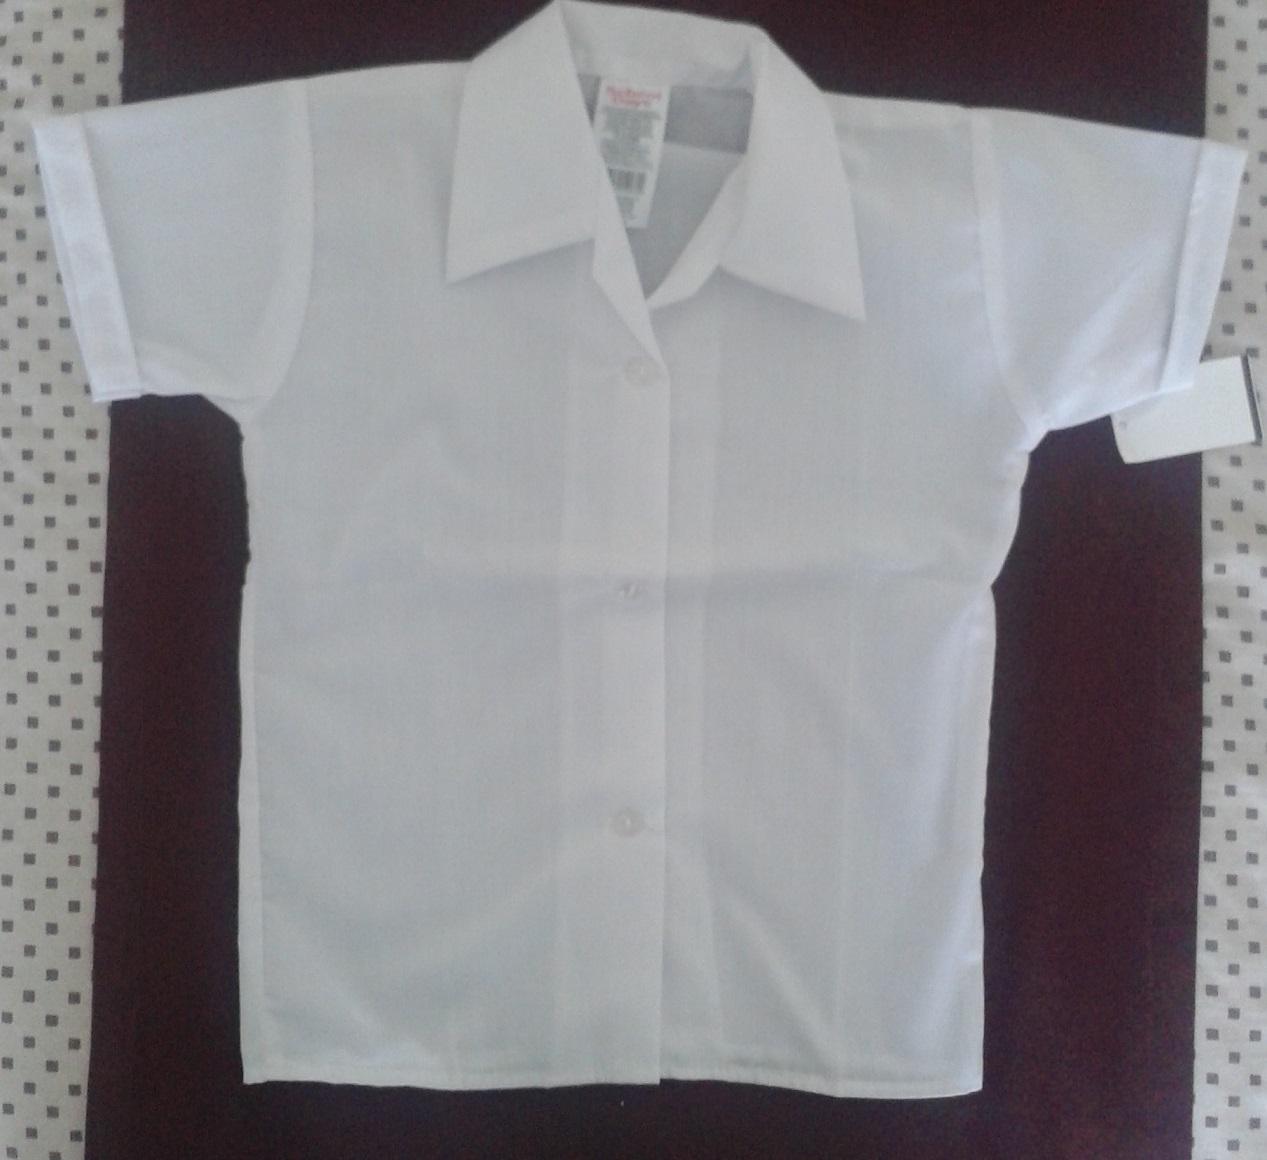 Bodega Aurrerá: Camisa escolar $9.02